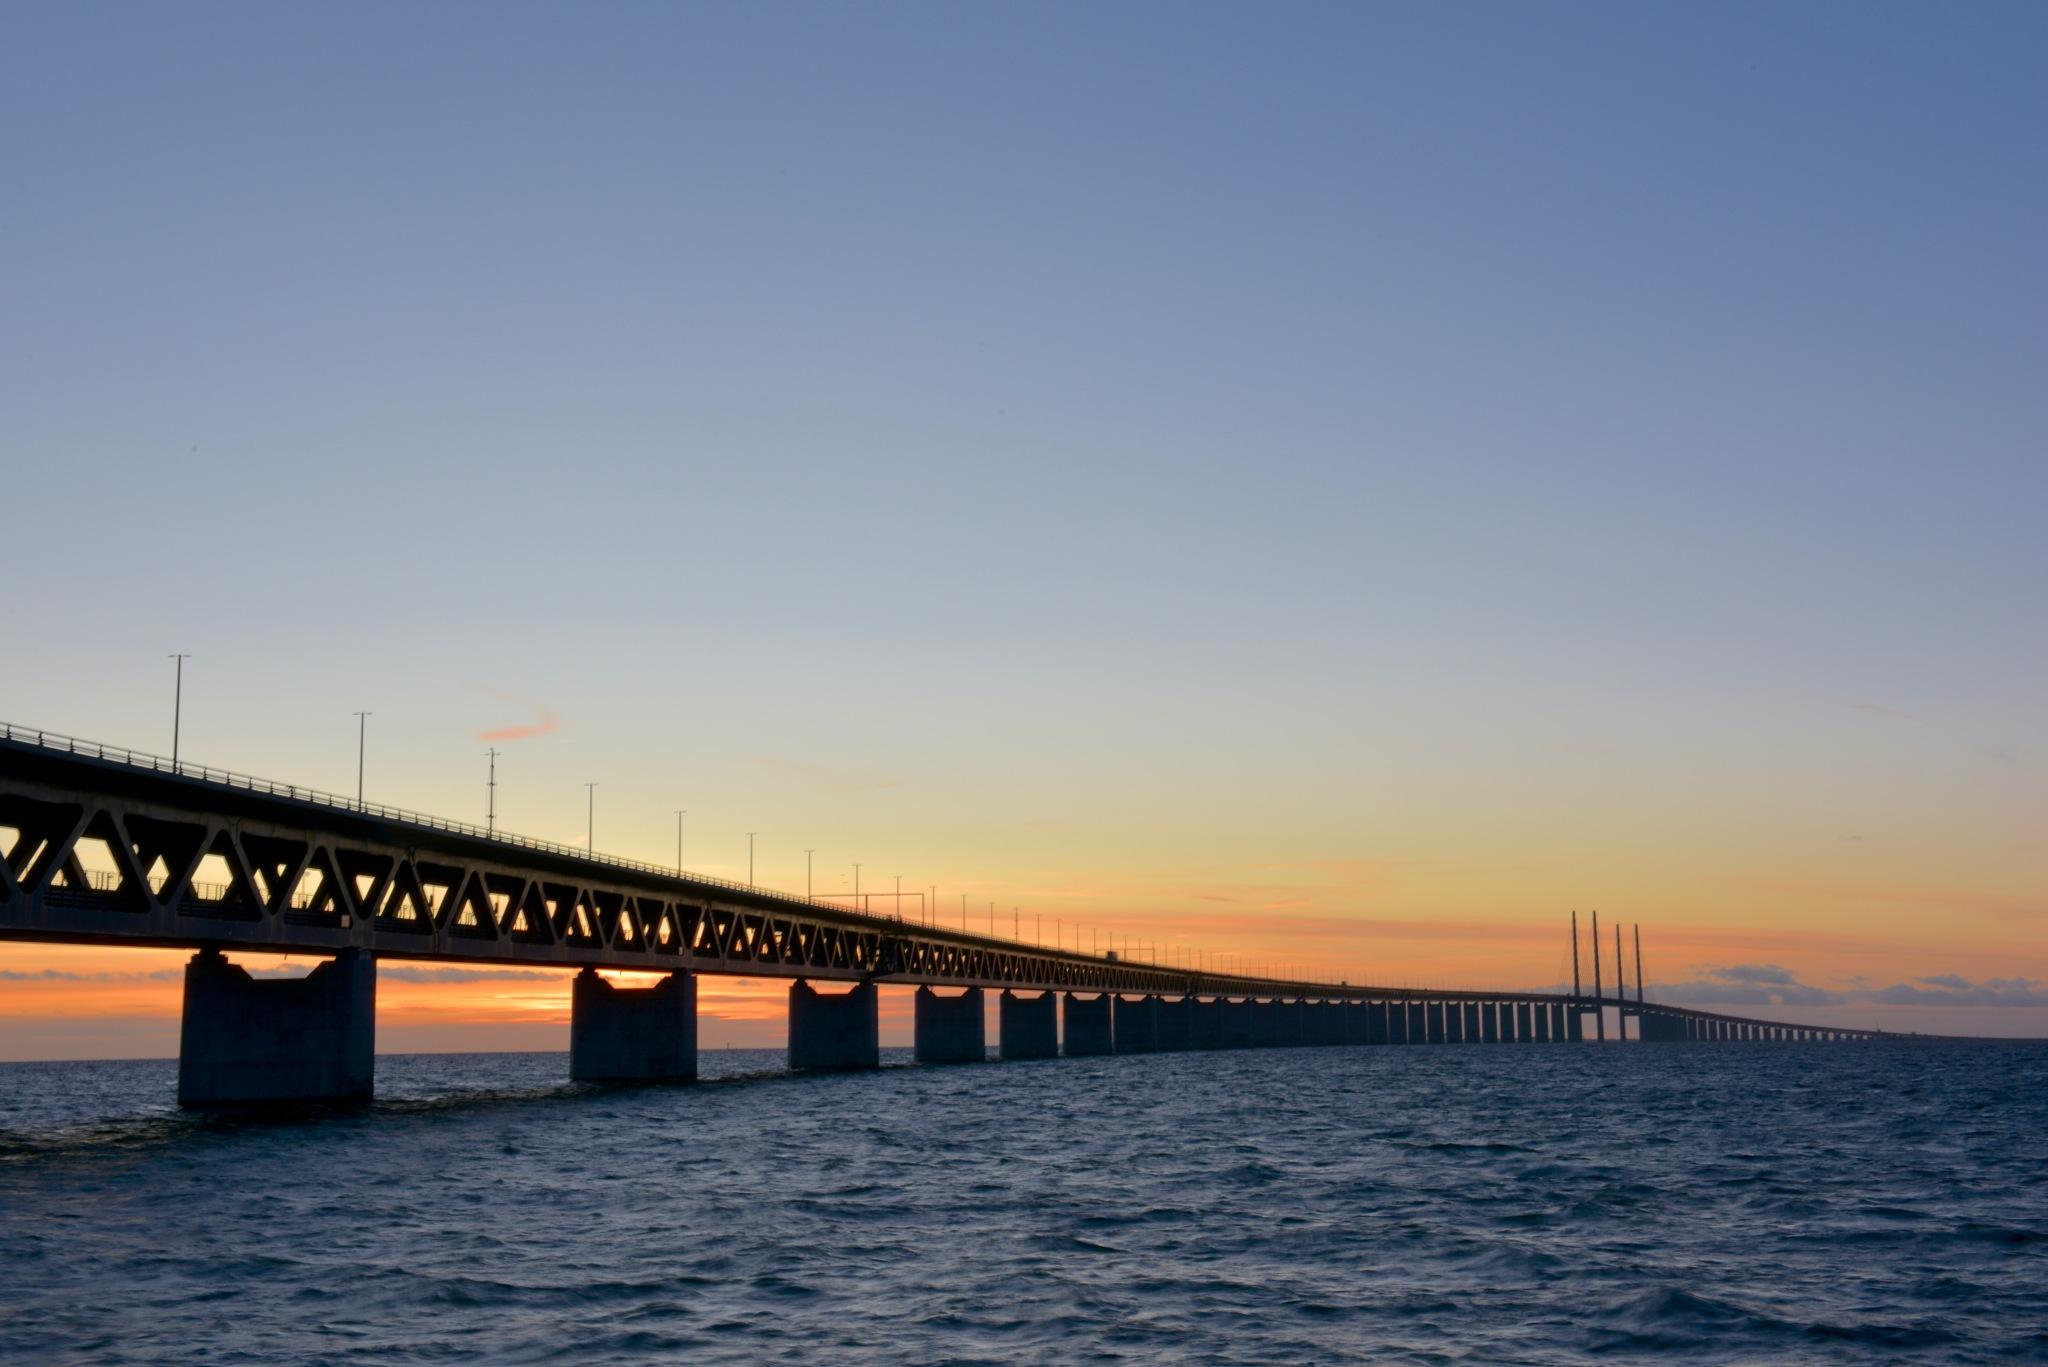 Oresund bridge 4! by Memed Bayatli